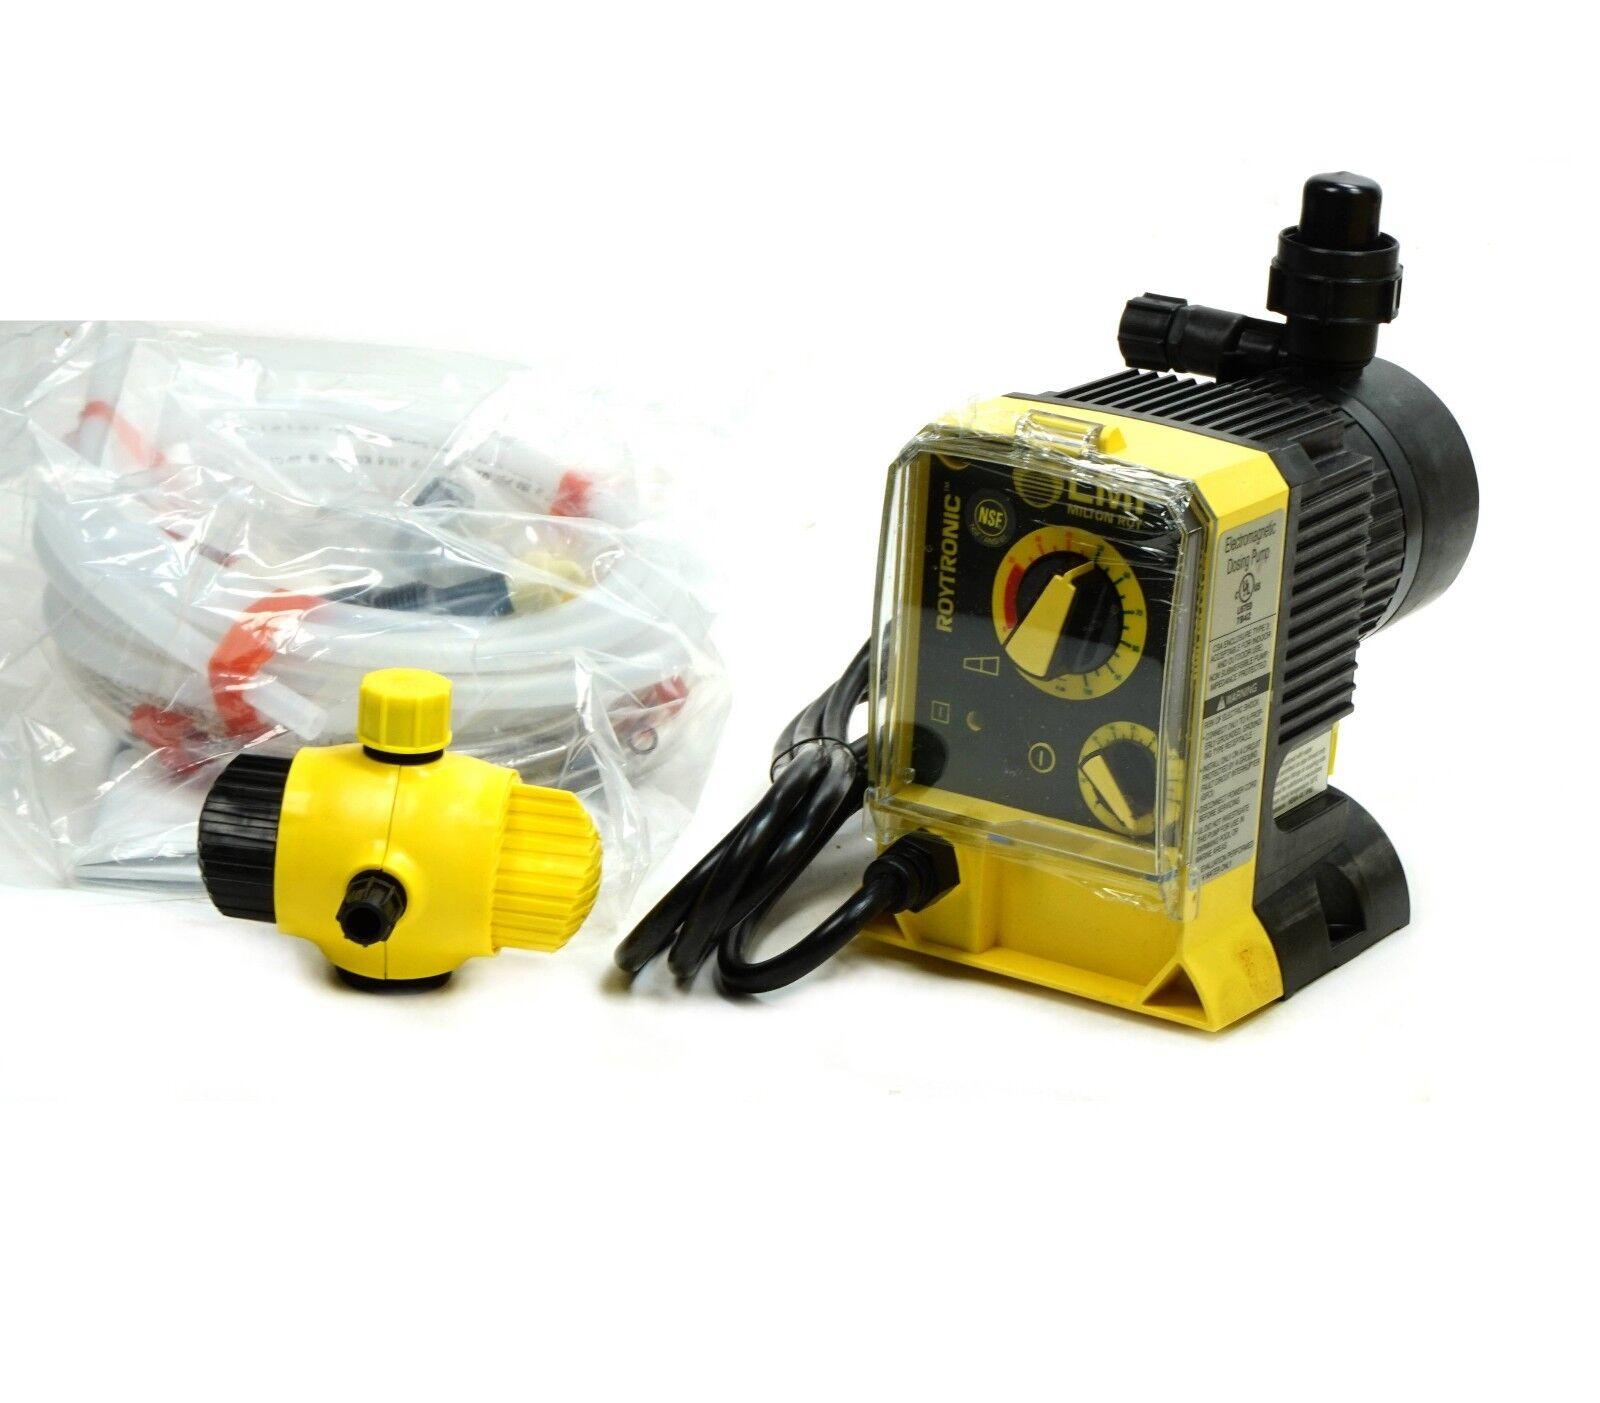 metering dosing pump, lmi milton roy pump